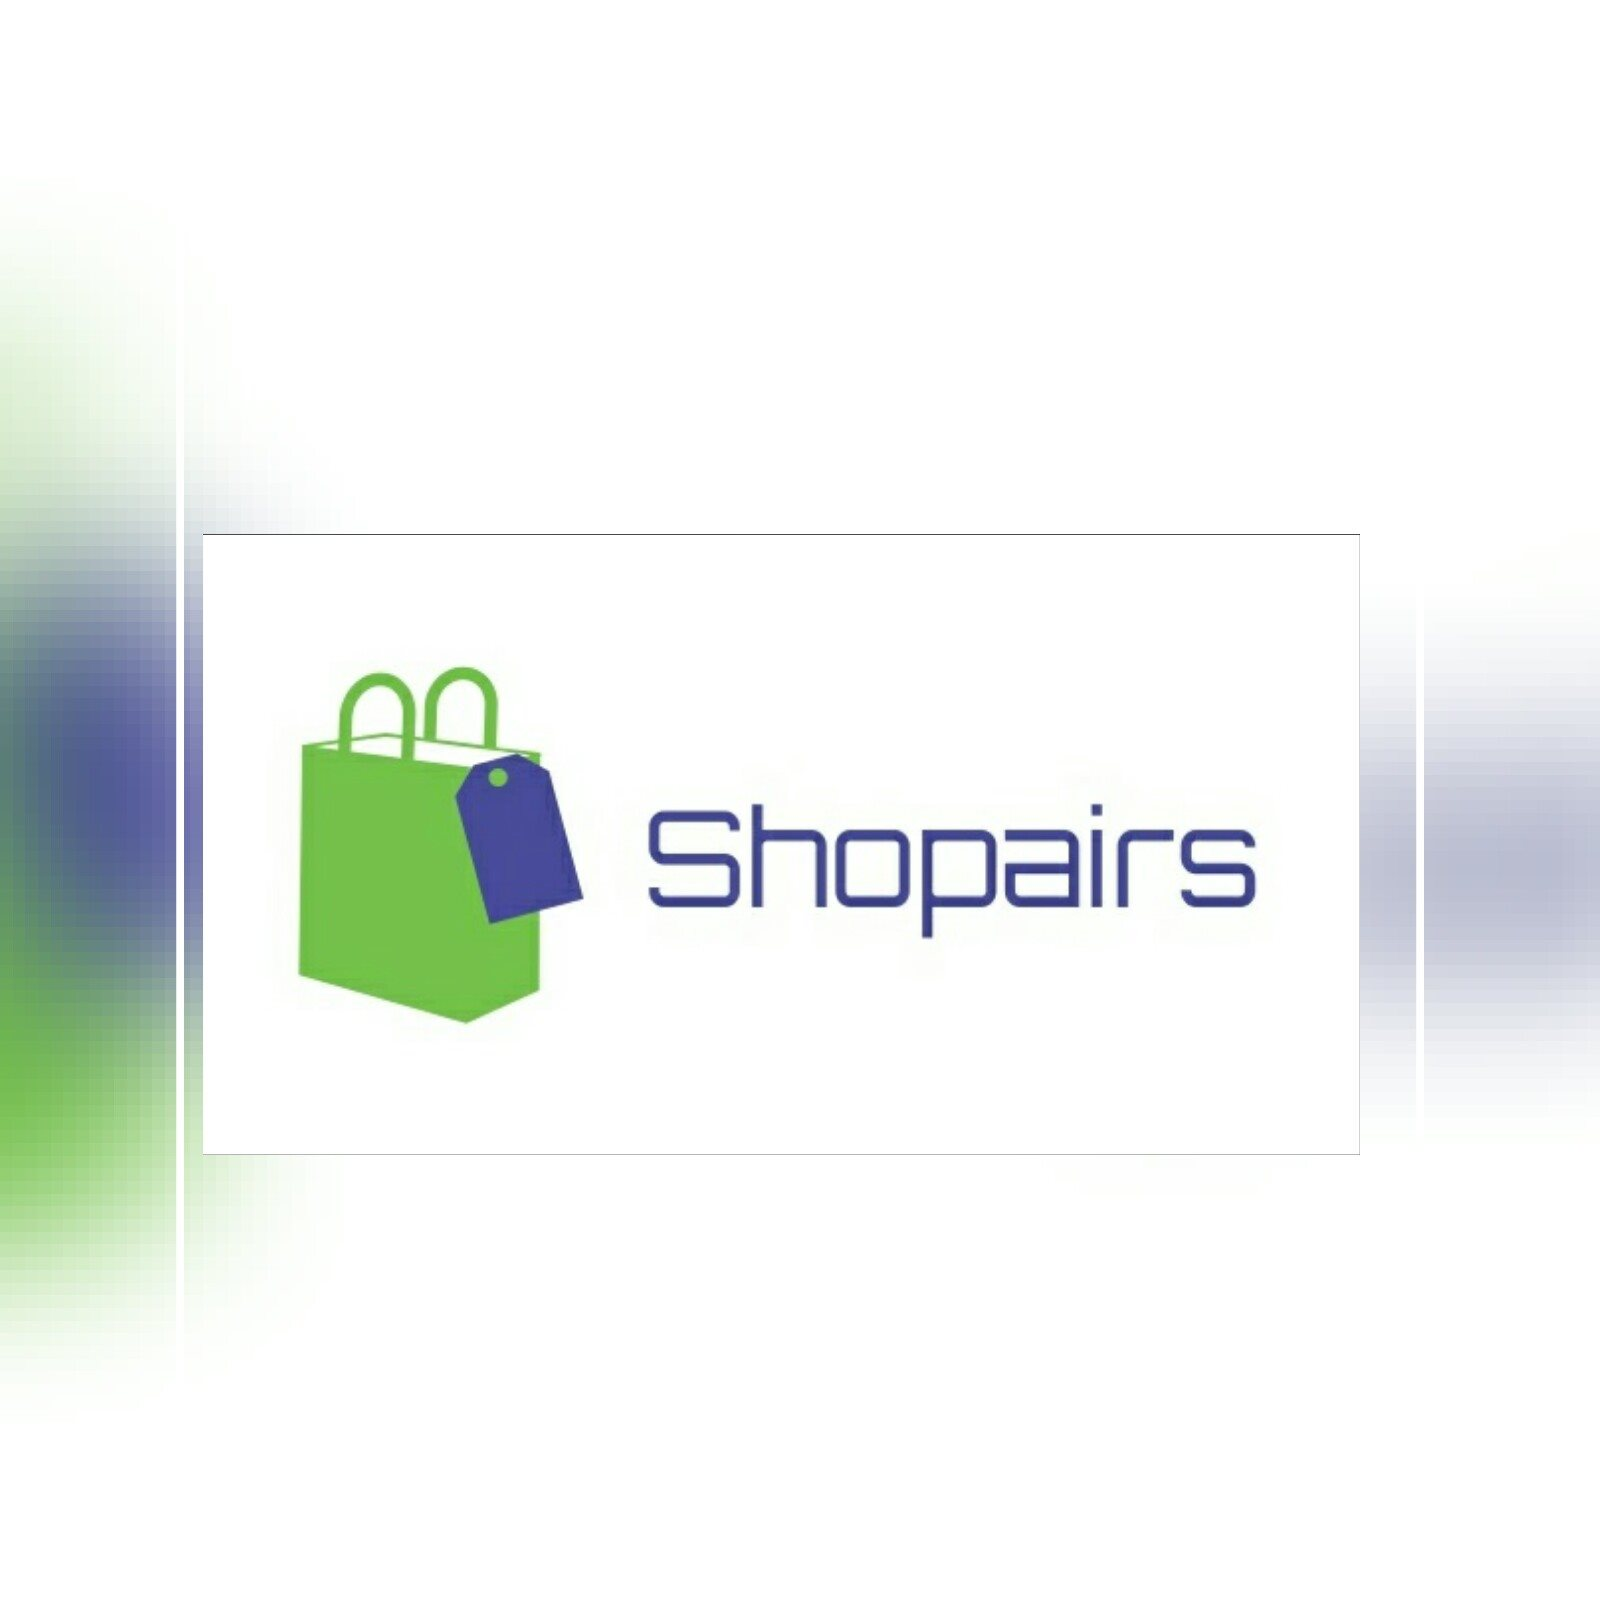 Shopairs